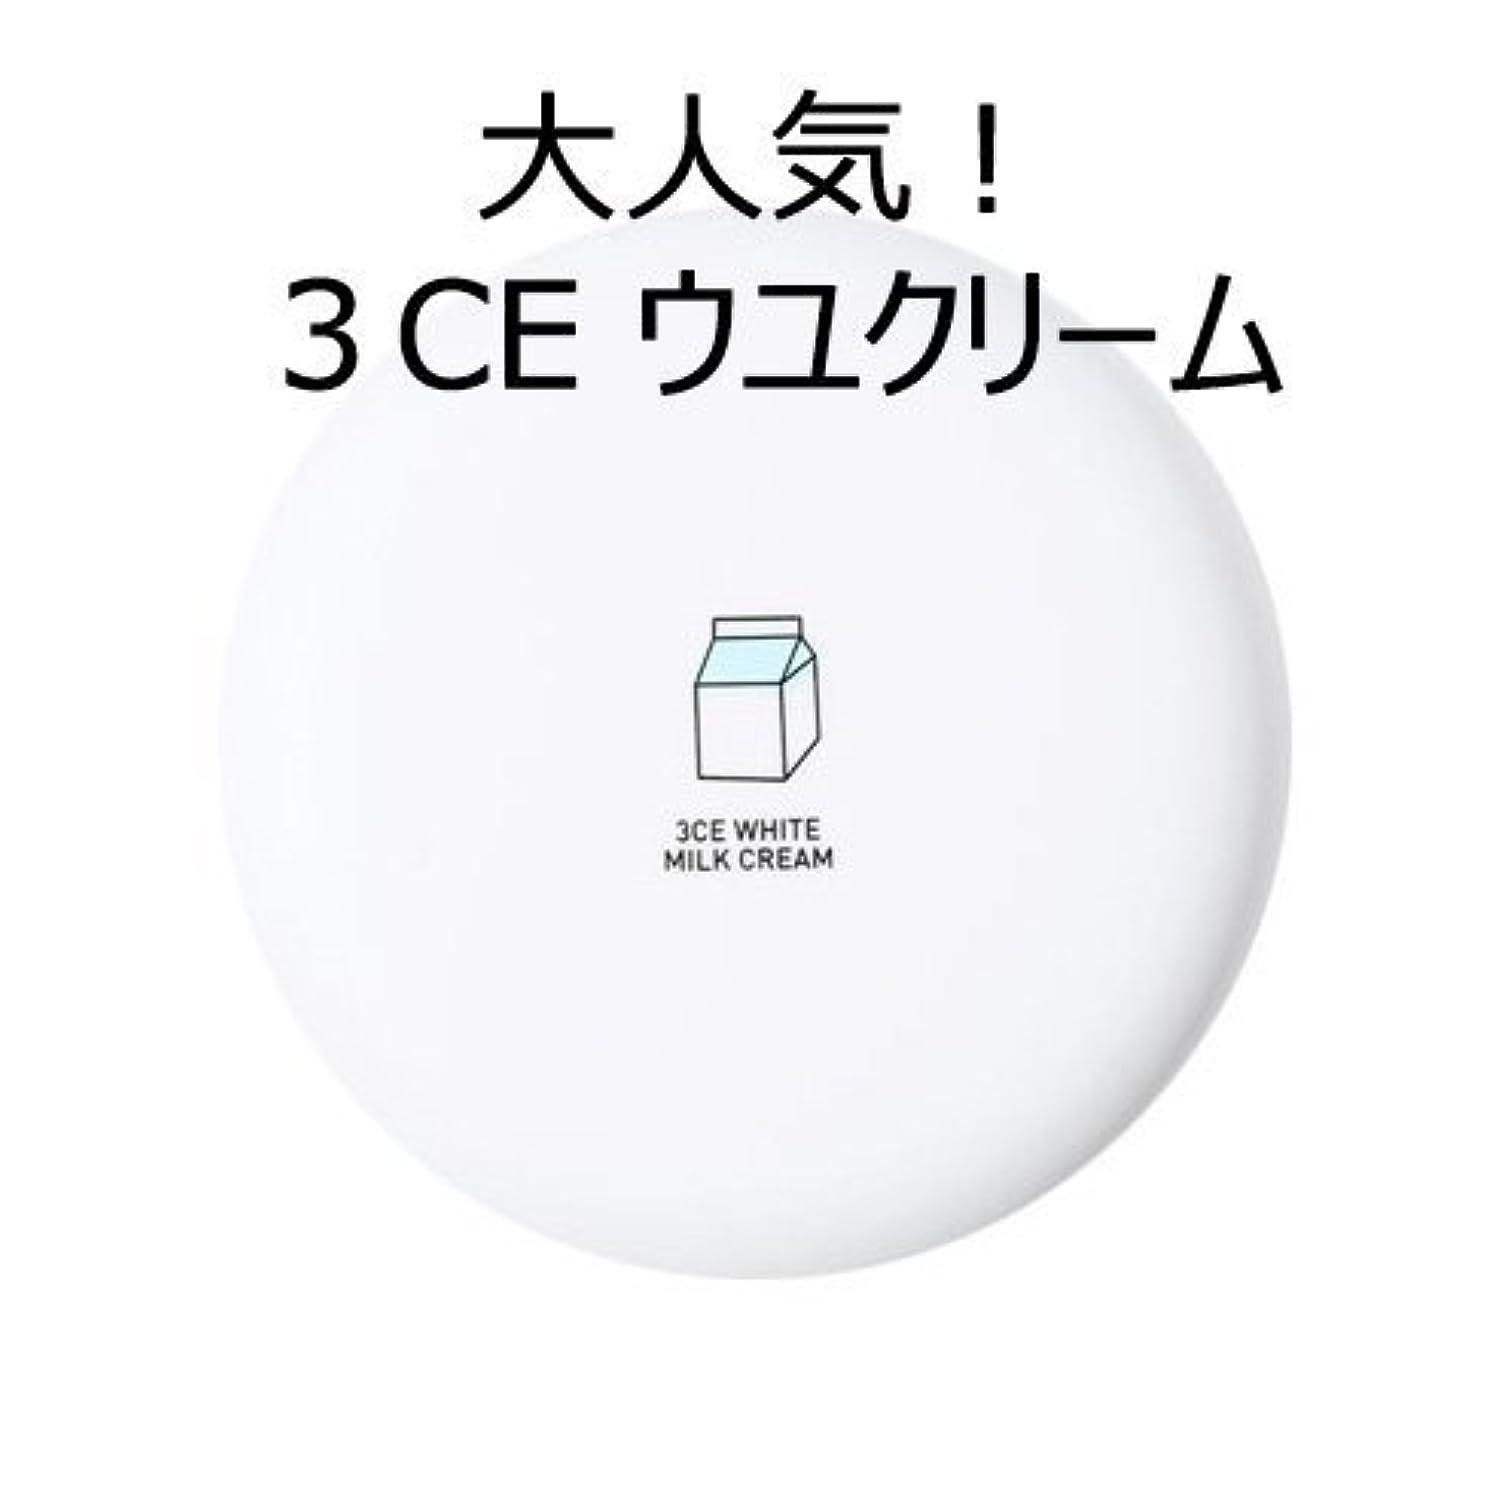 のヒープクレア舌な[3CE] [大人気!話題のウユクリーム] 3CE White Milk Cream [並行輸入品]